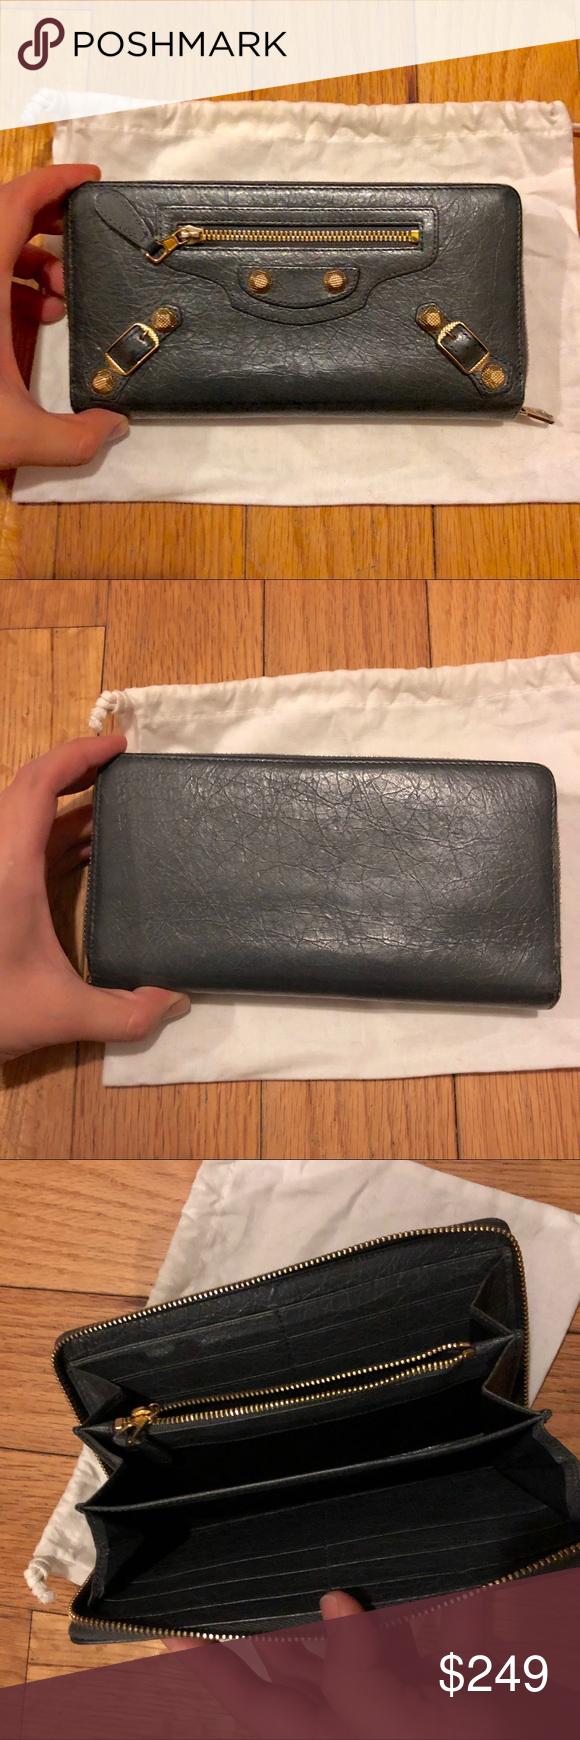 Balenciaga Long Wallet Grey With Gold Hardware Long Wallet Balenciaga Bag Balenciaga